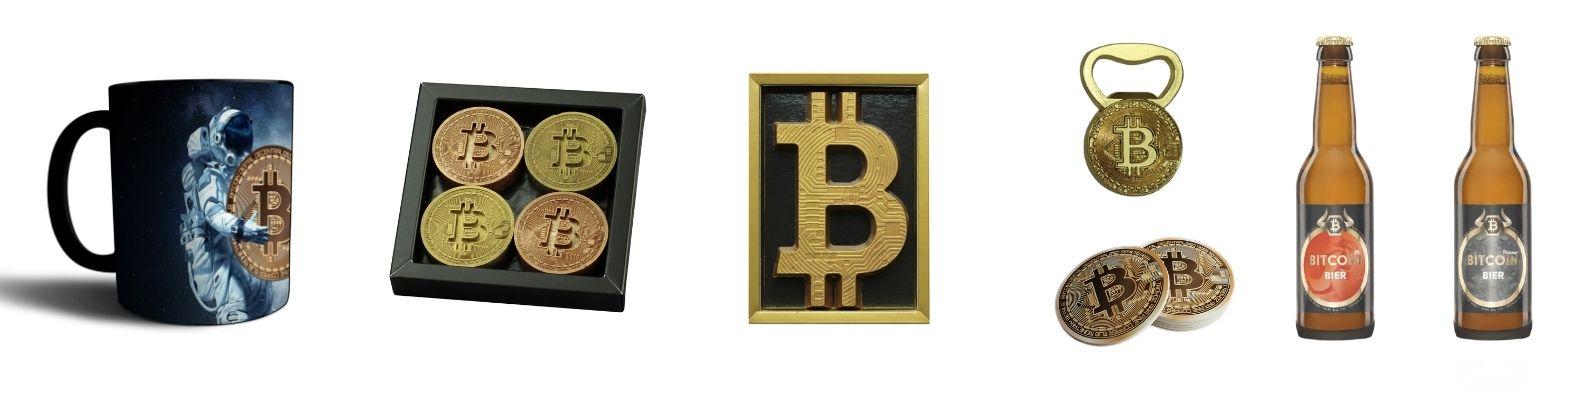 Banner Bitcoin Webshop 2